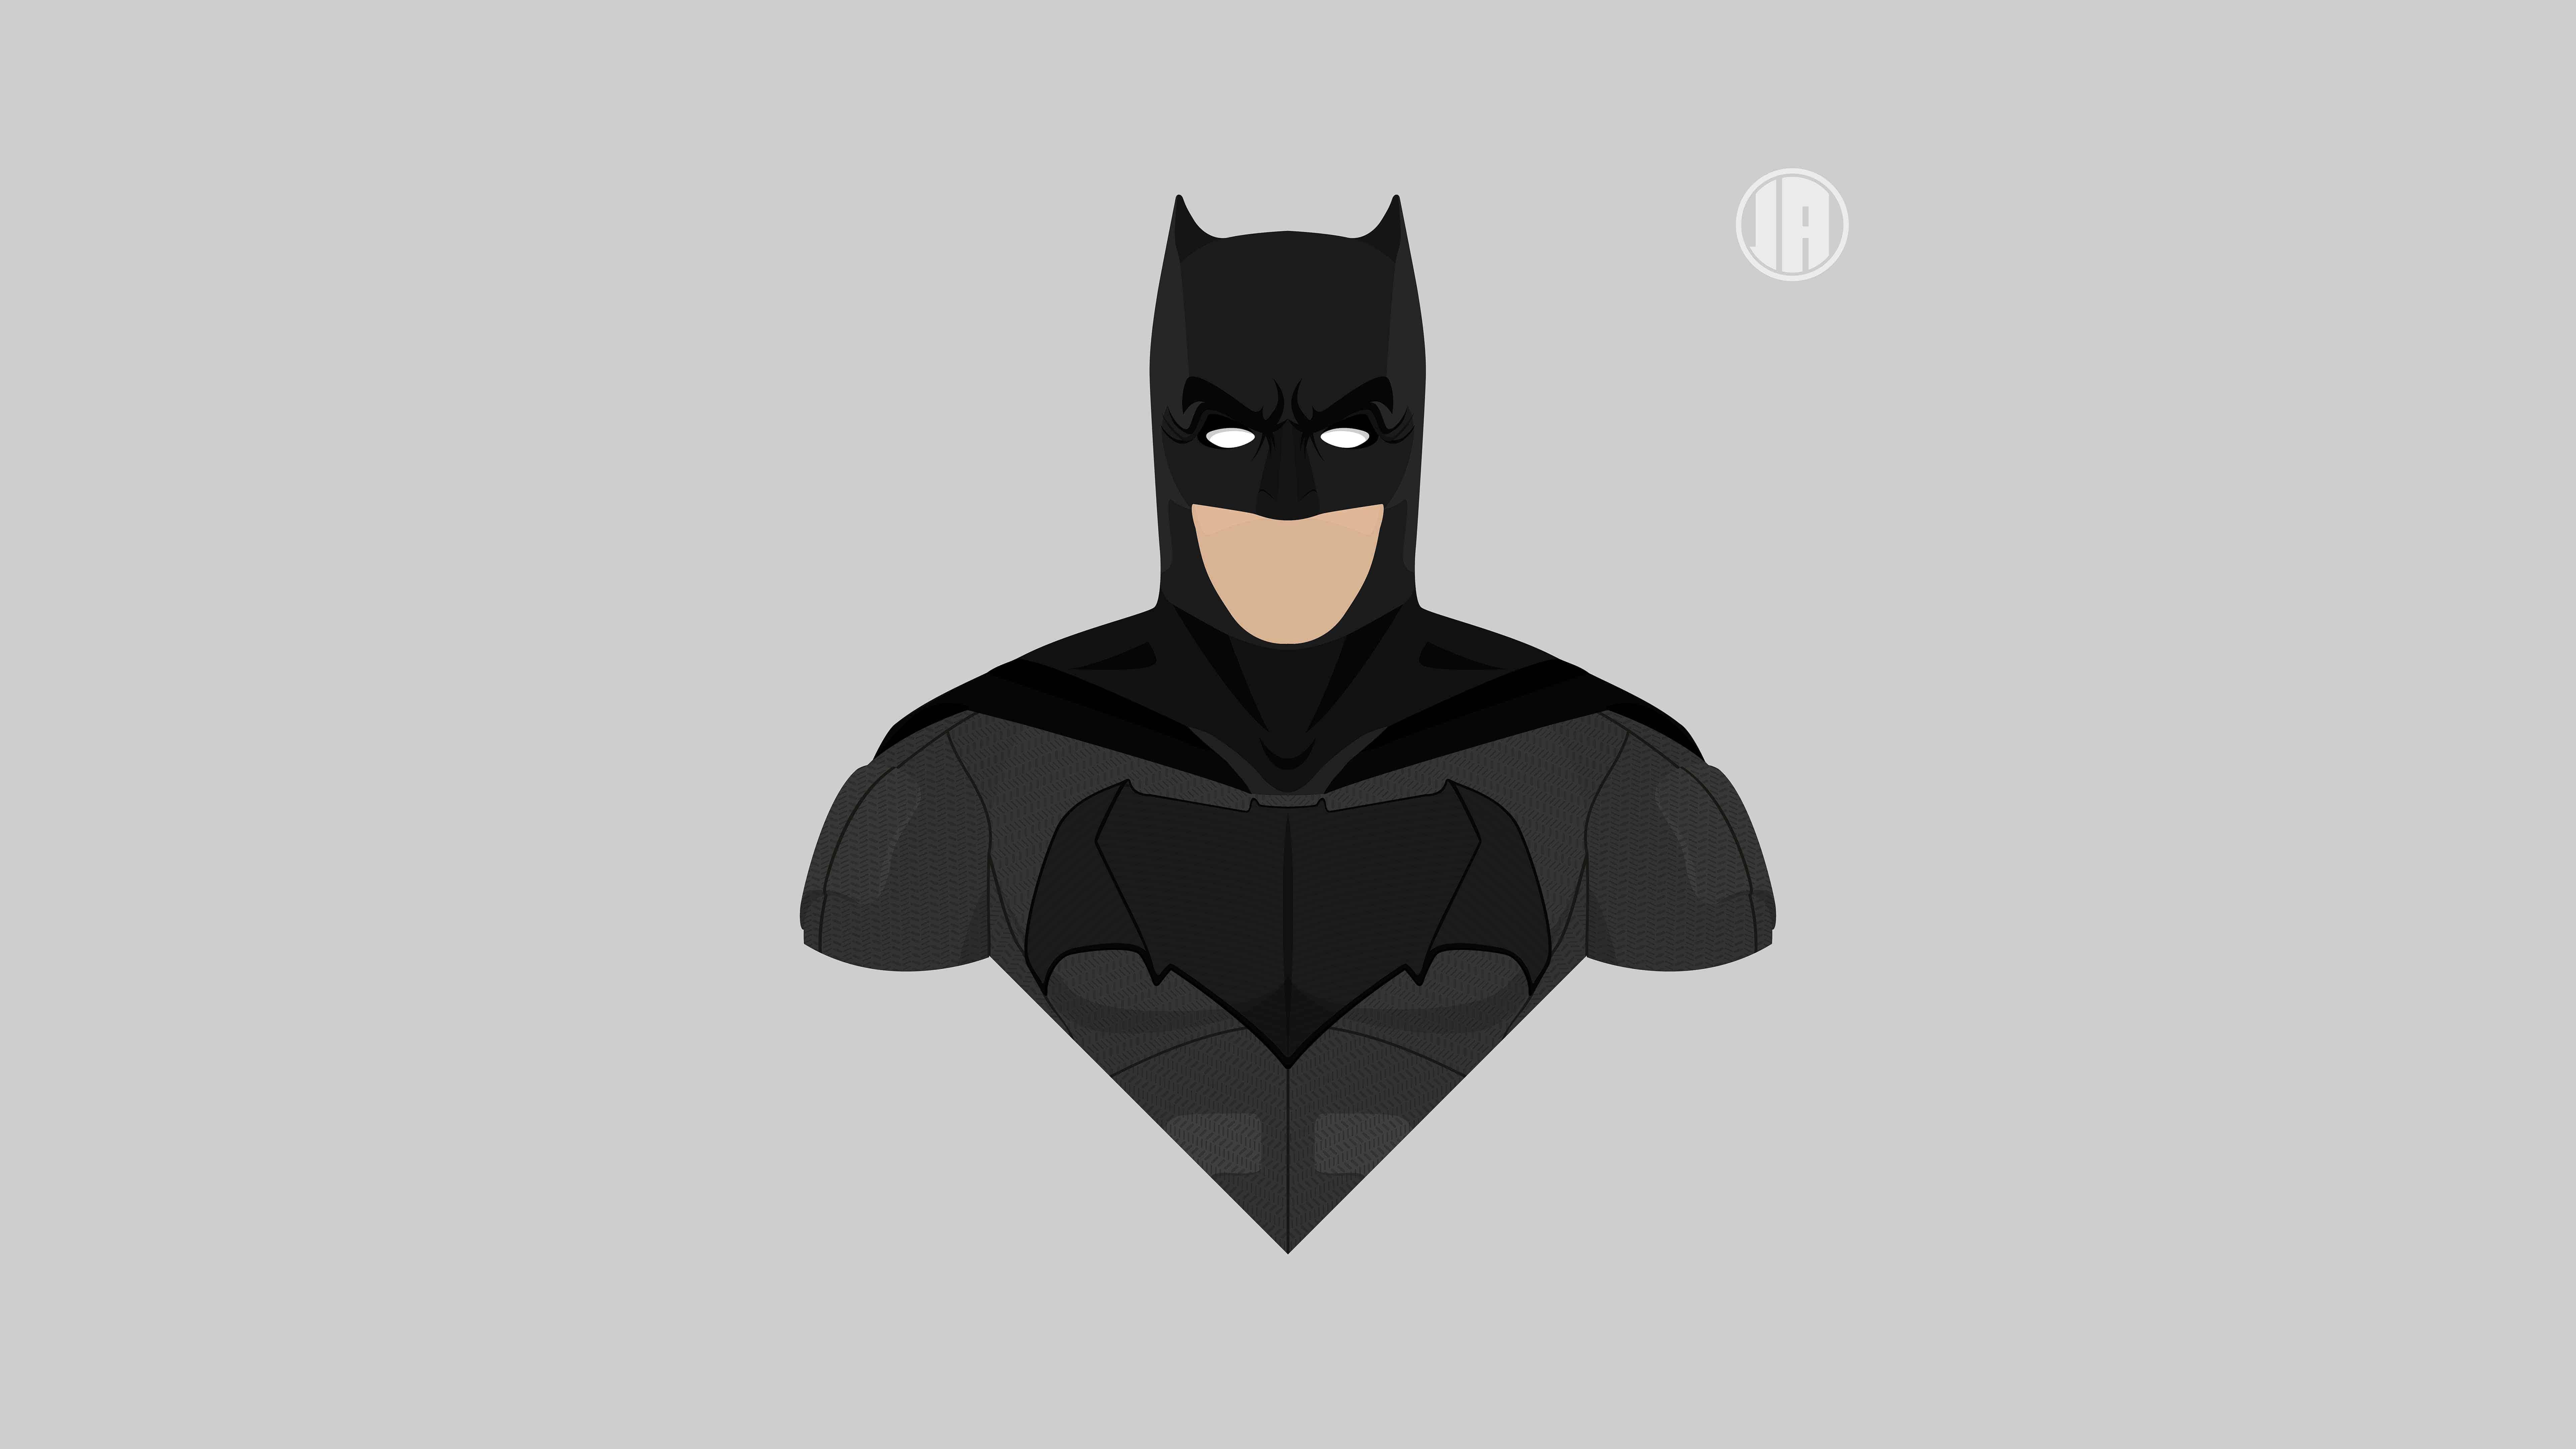 minimalism batman uhd 8k wallpaper